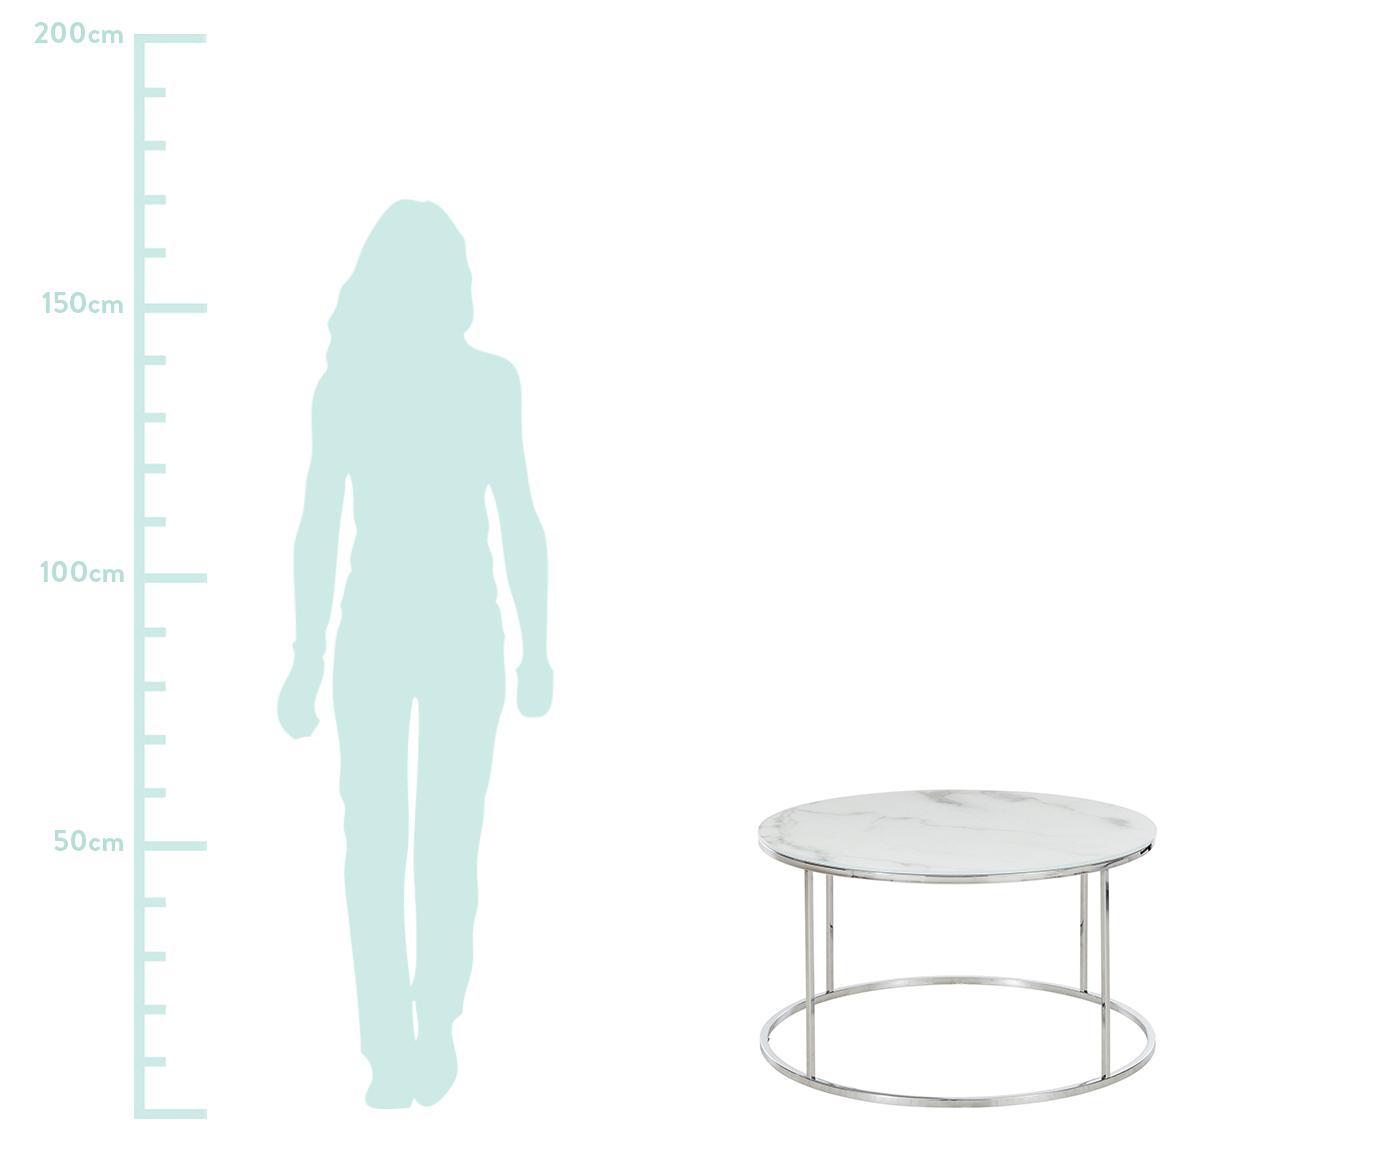 Mesa de centro Antigua, tablero de cristal en aspecto mármol, Tablero: vidrio estampado con aspe, Estructura: acero cromado, Blanco grisaceo veteado, plateado, Ø 80 x Al 45 cm